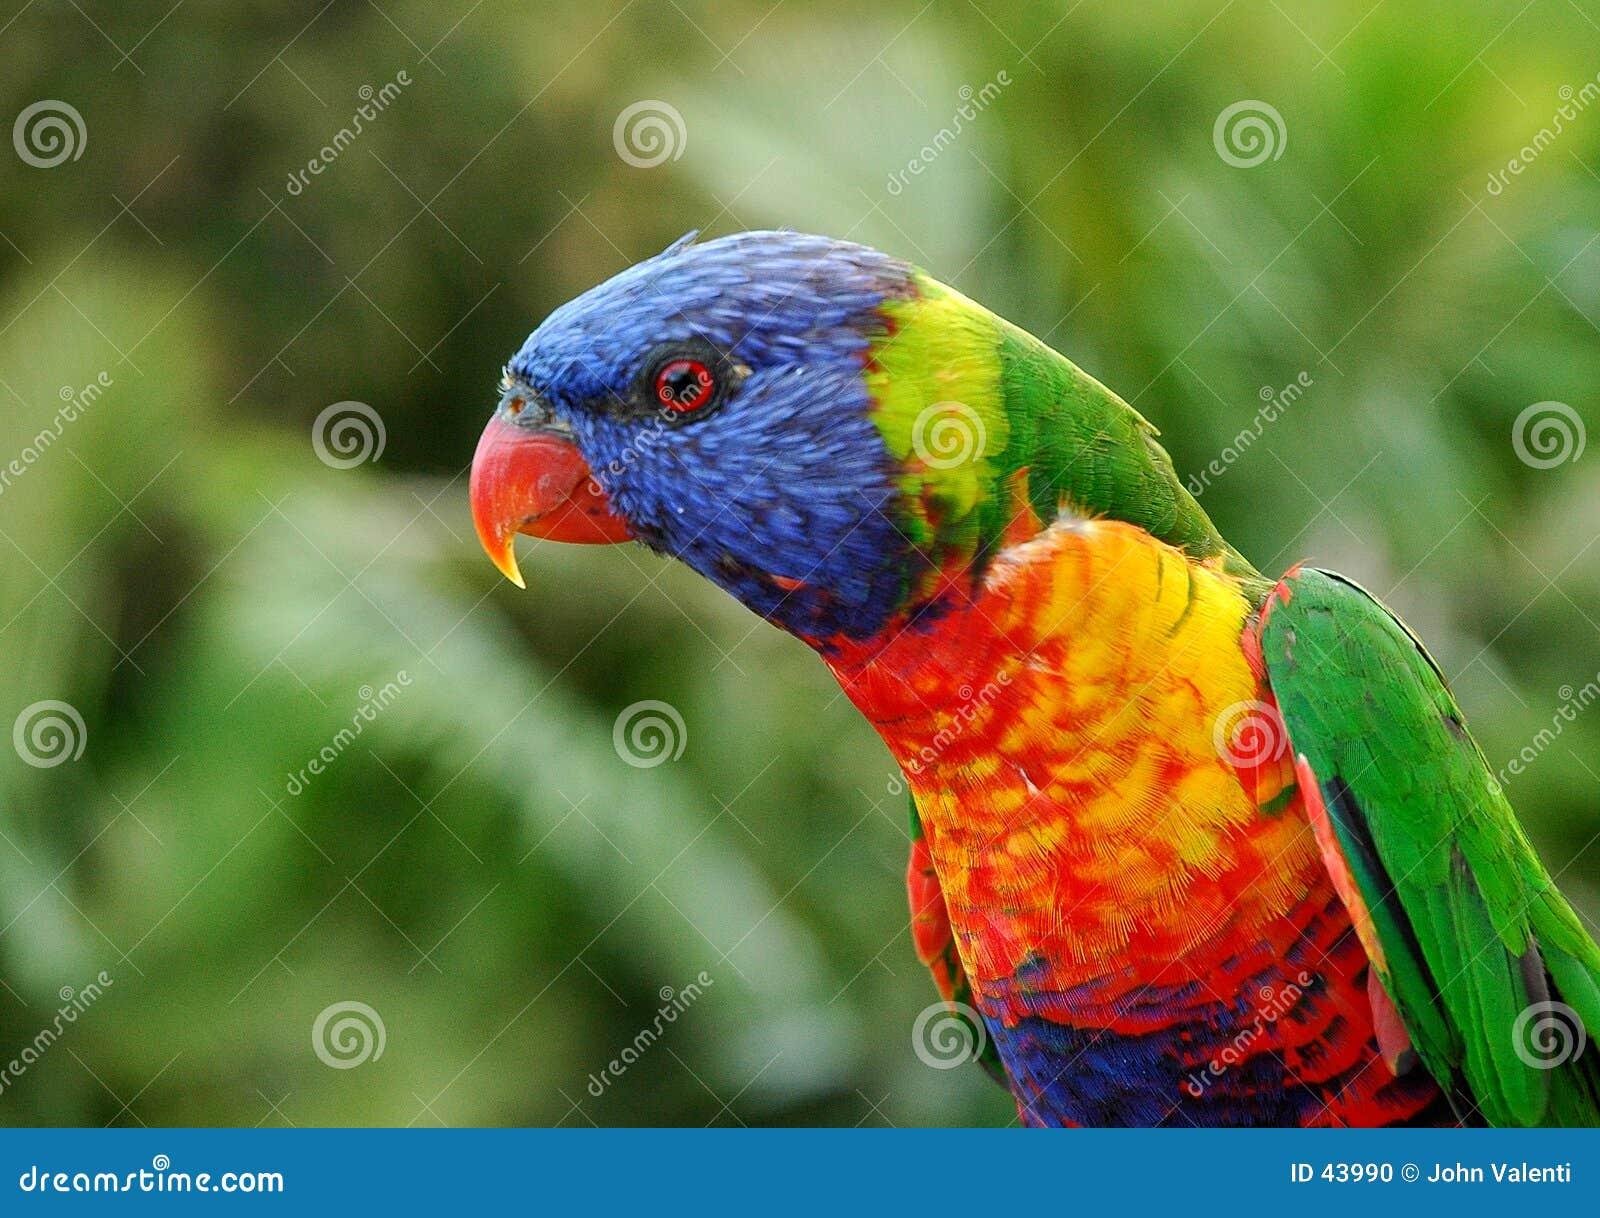 Lorikeet rainbow